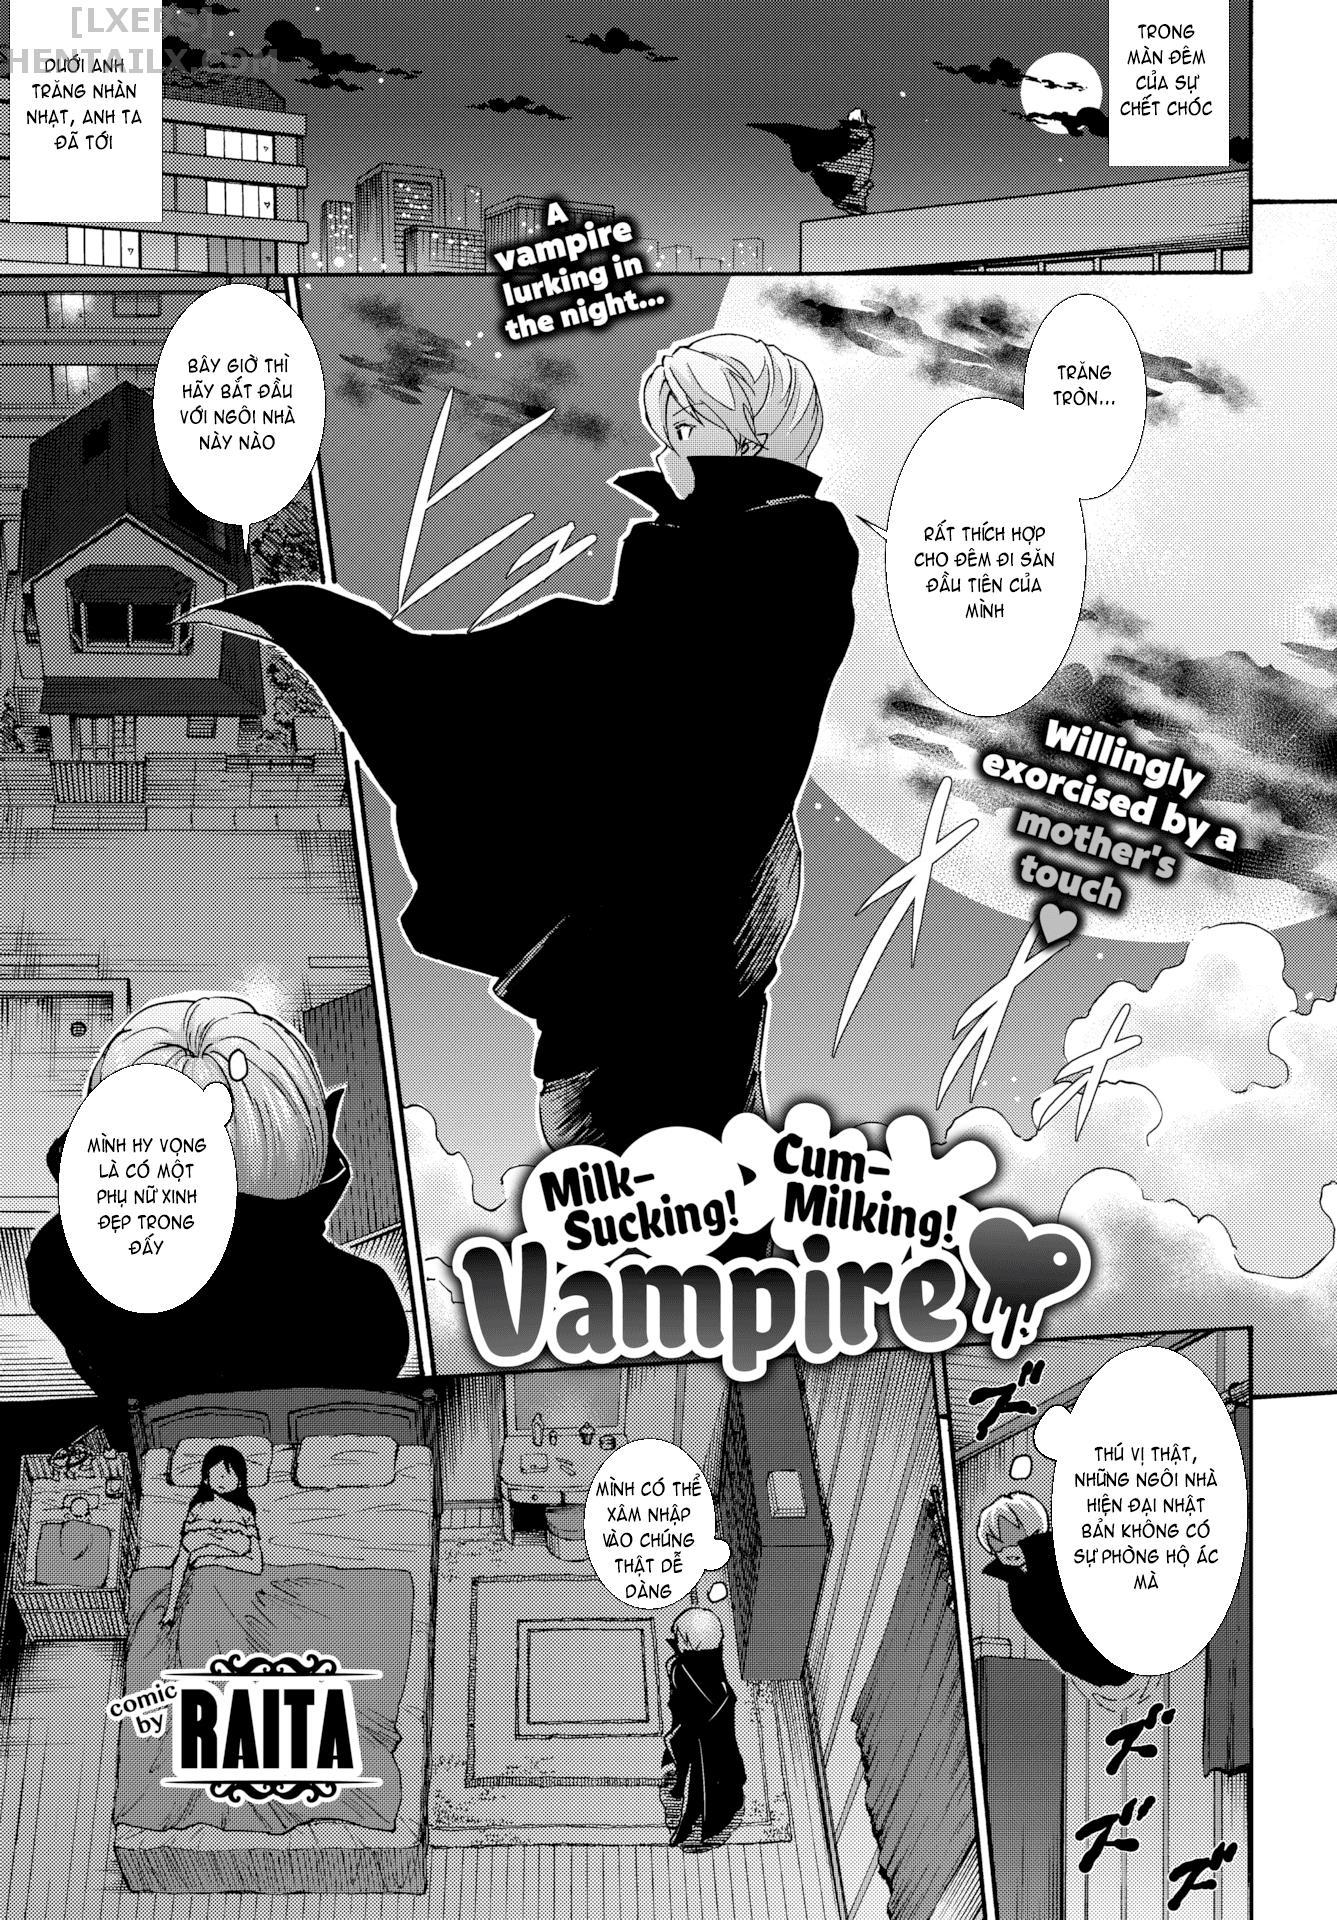 001 Milk-Sucking! Cum-Milking! Vampire  - hentaicube.net - Truyện tranh hentai online